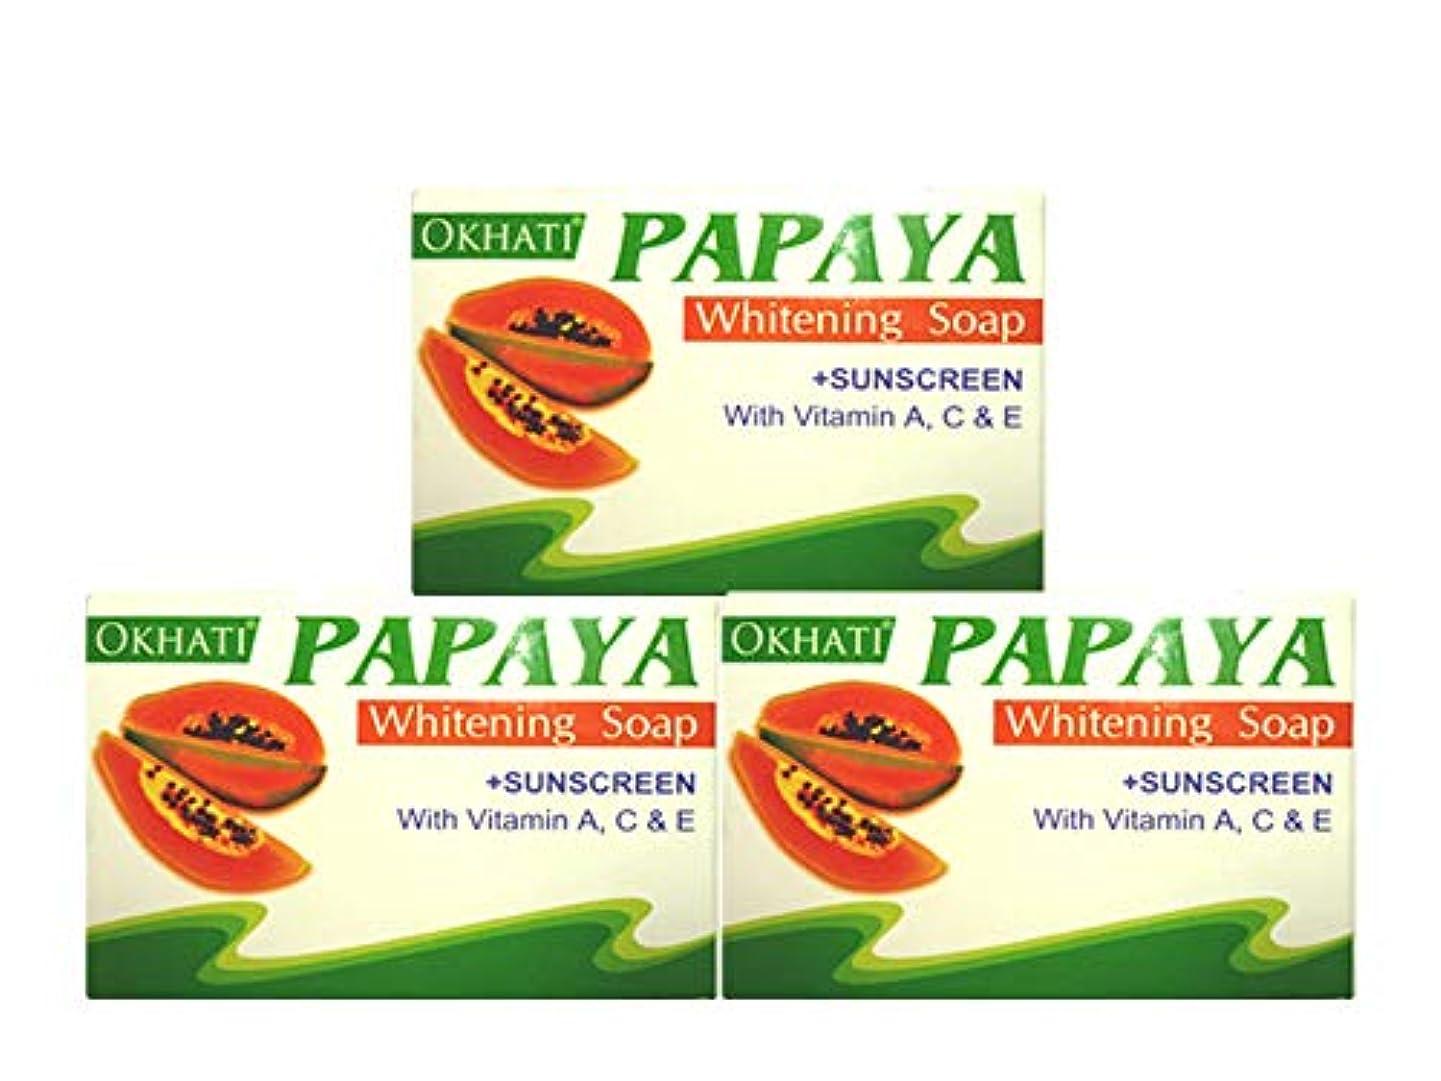 フォアマンループロッカーオカティ パパイヤ ソープ 135g*3Set AYURVEDEC OKHATI PAPAYA Whitening Soap/NEPAL HIMALAYA SOAP ヒマラヤ石鹸